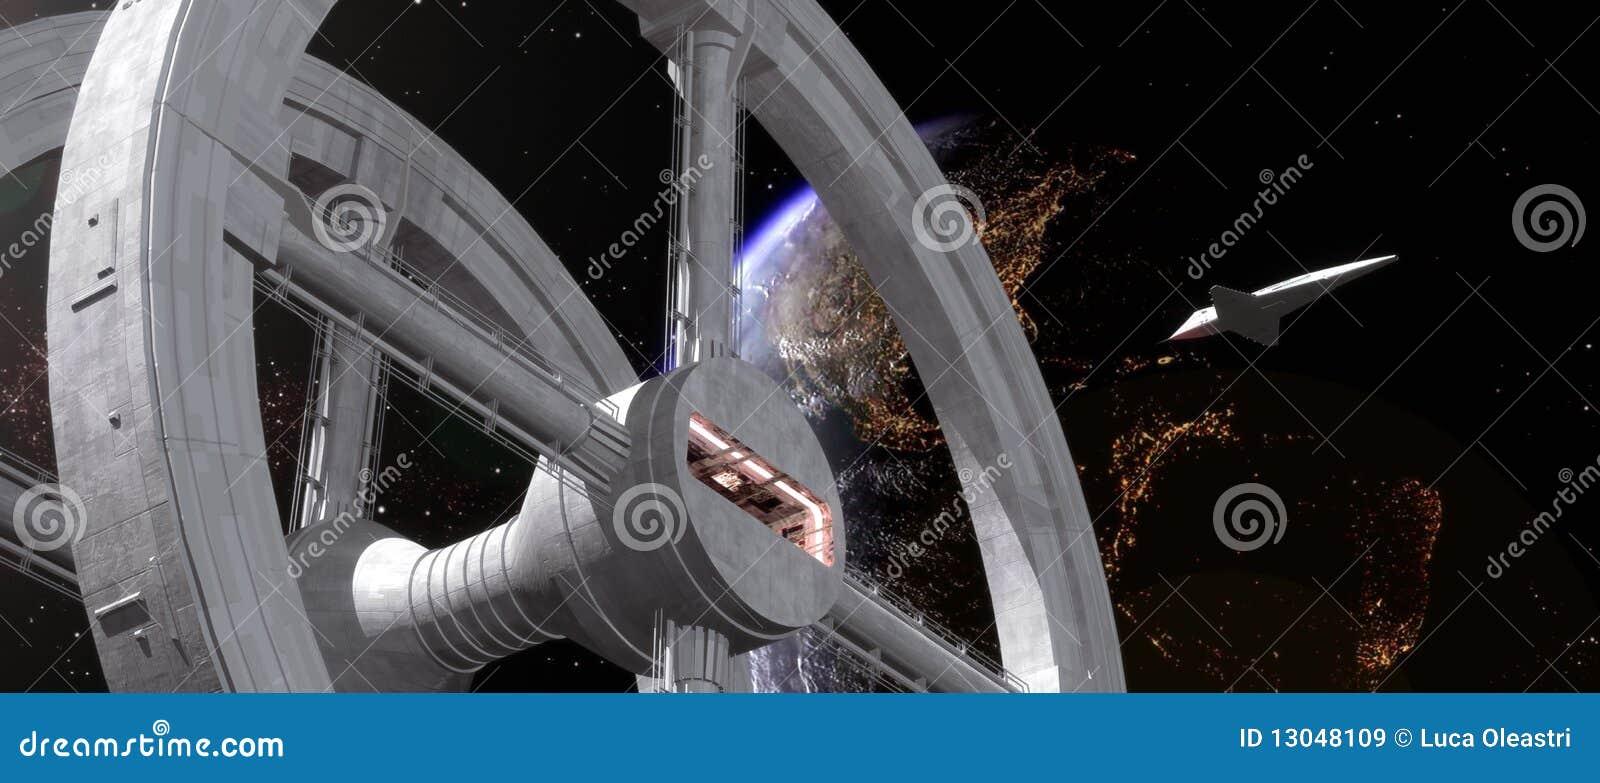 космическая станция челнока